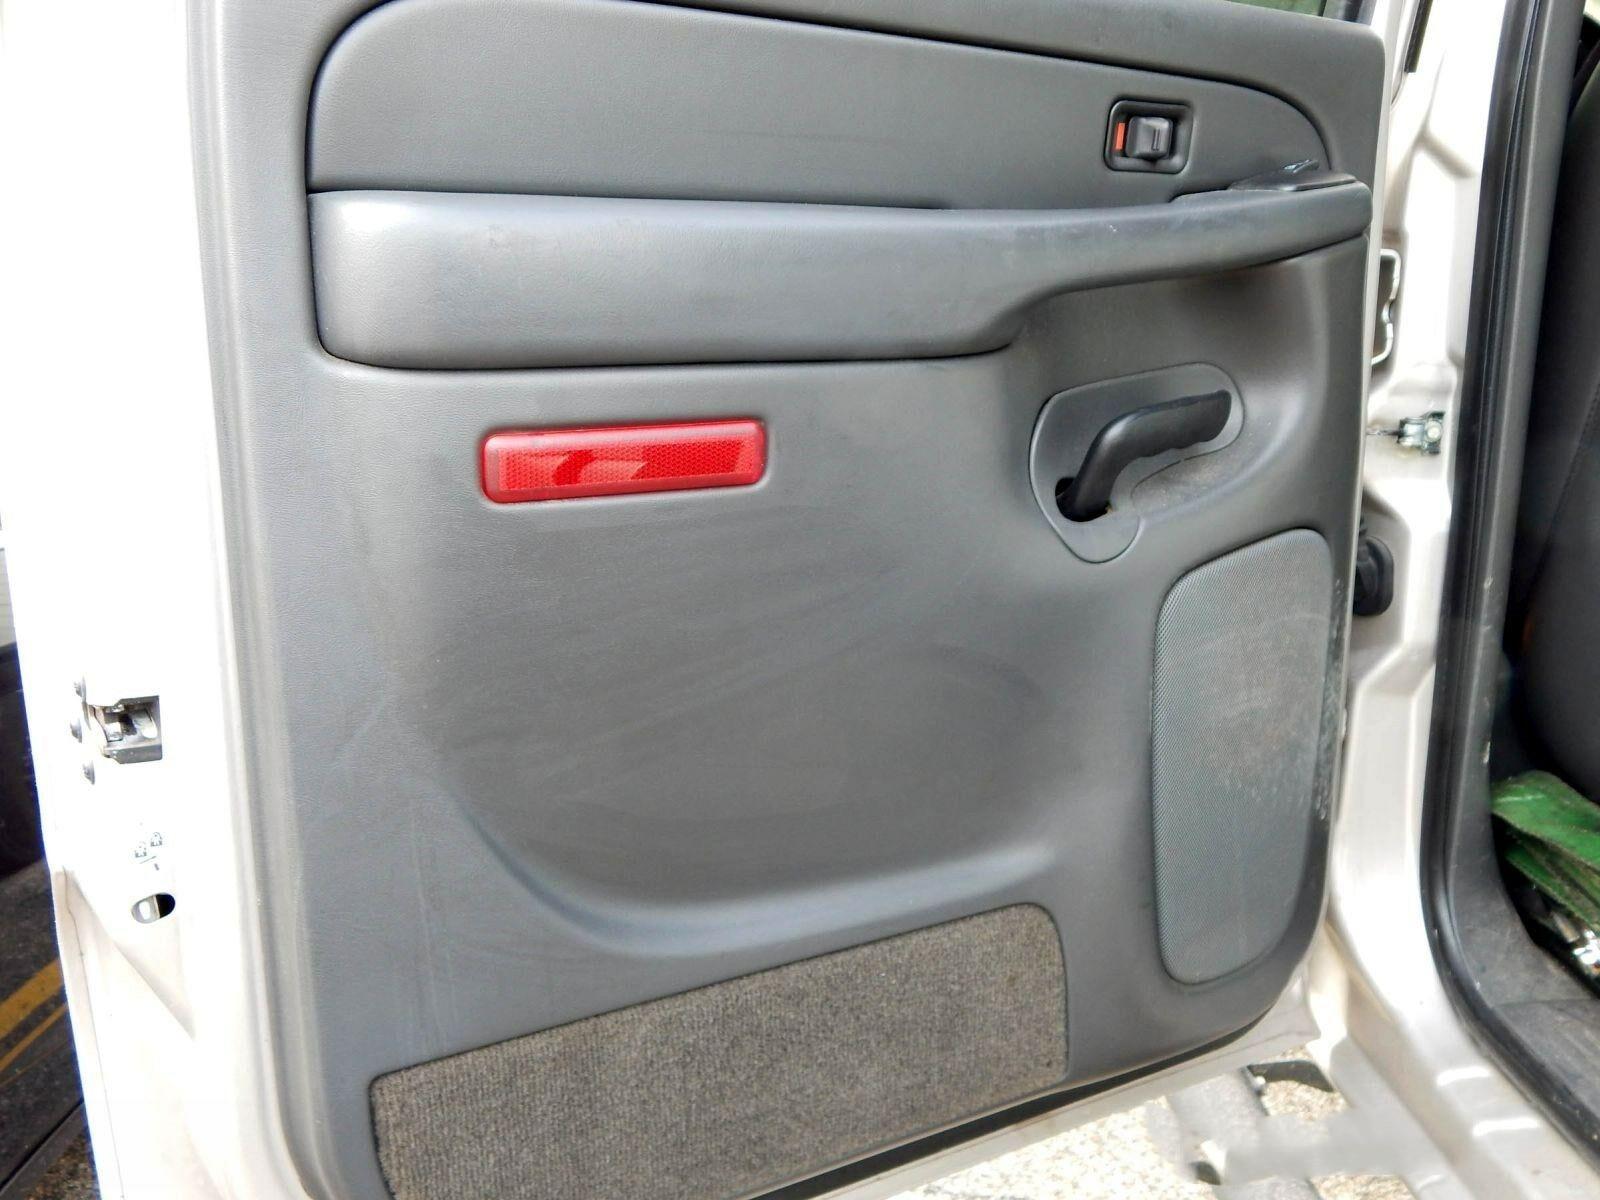 1PC Premium Heavy Duty Interior Rear Left Door Reflector NEW Door Panel 15183155 For Chevy GMC Trucks SUVs 03-07 Left Trim